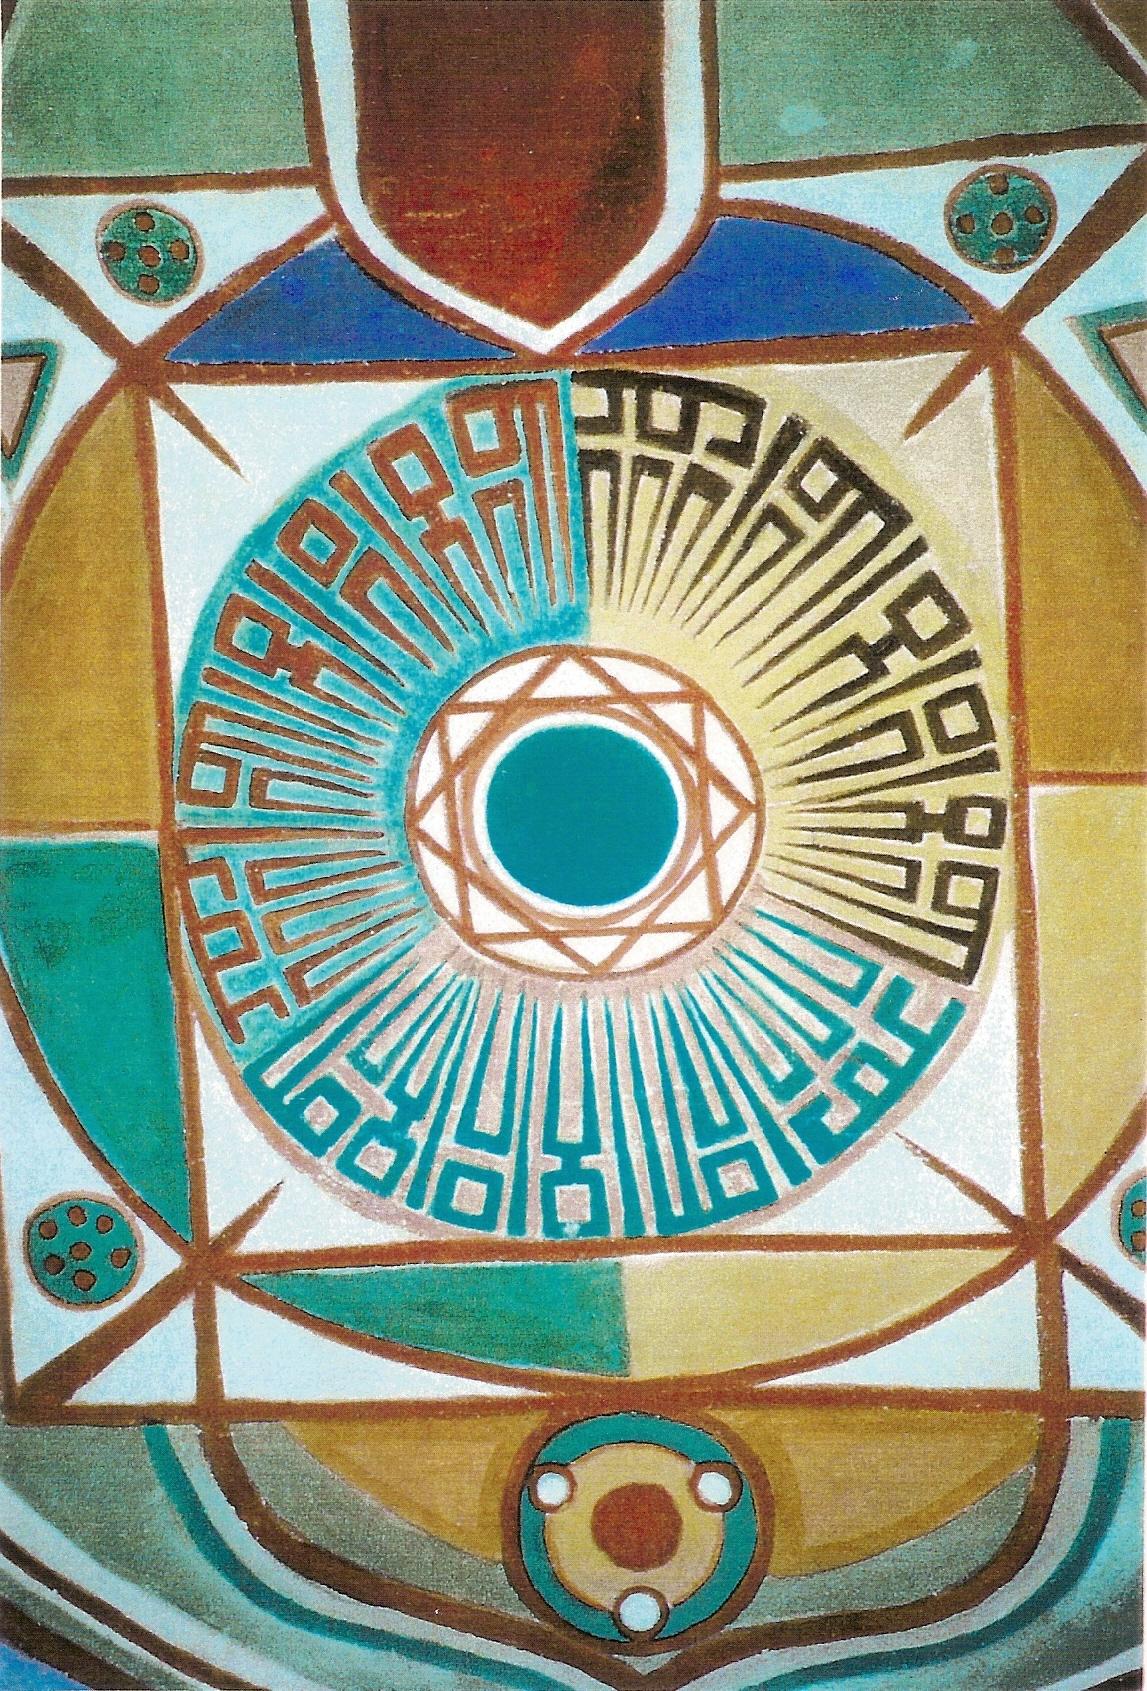 Fresque de 1982, Poitiers